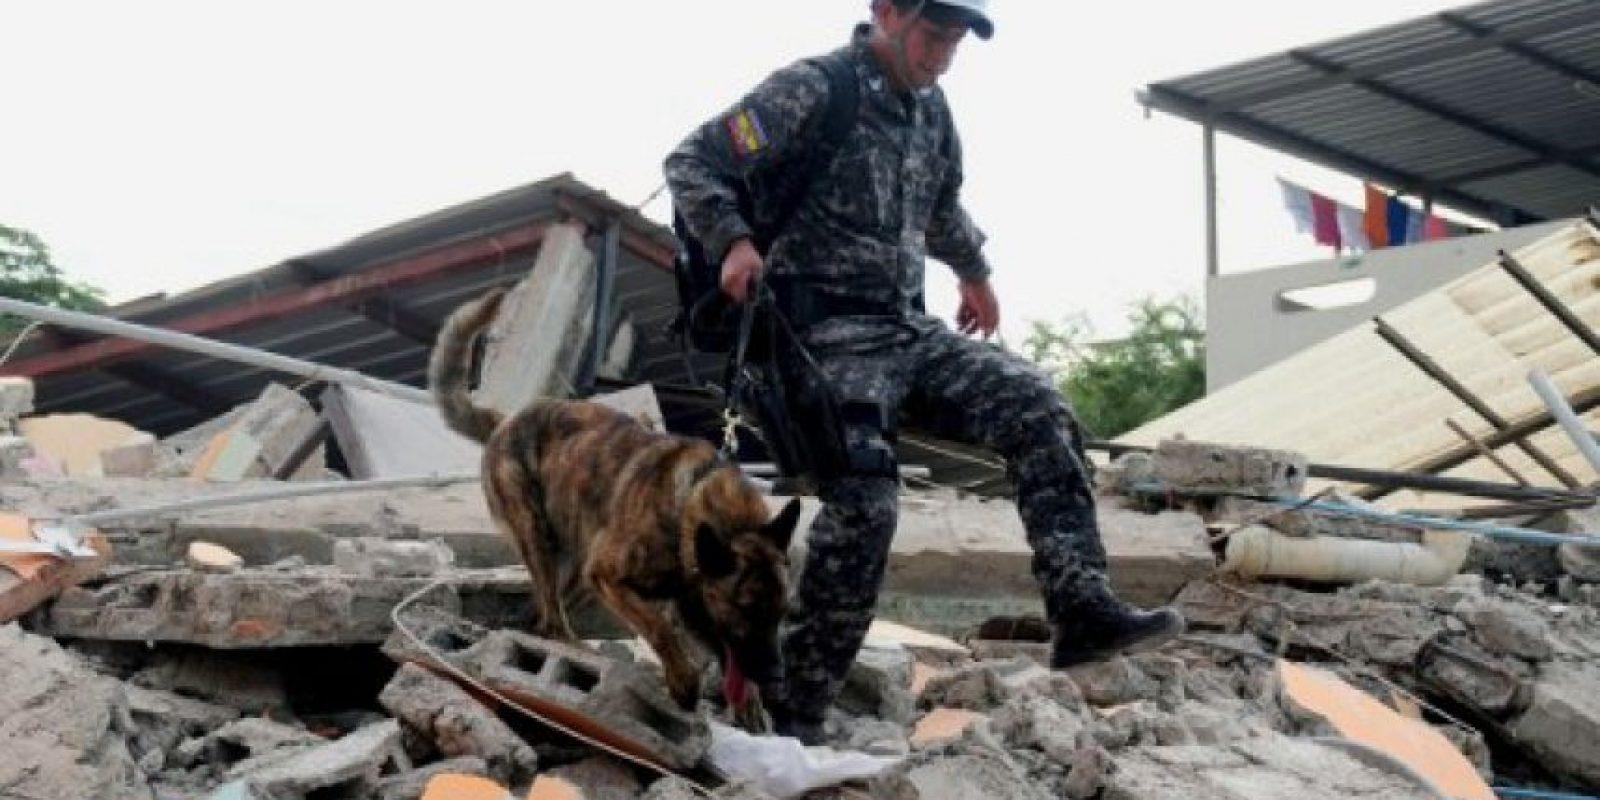 Equipos de rescate buscan vidas bajo los restos. Foto:AFP